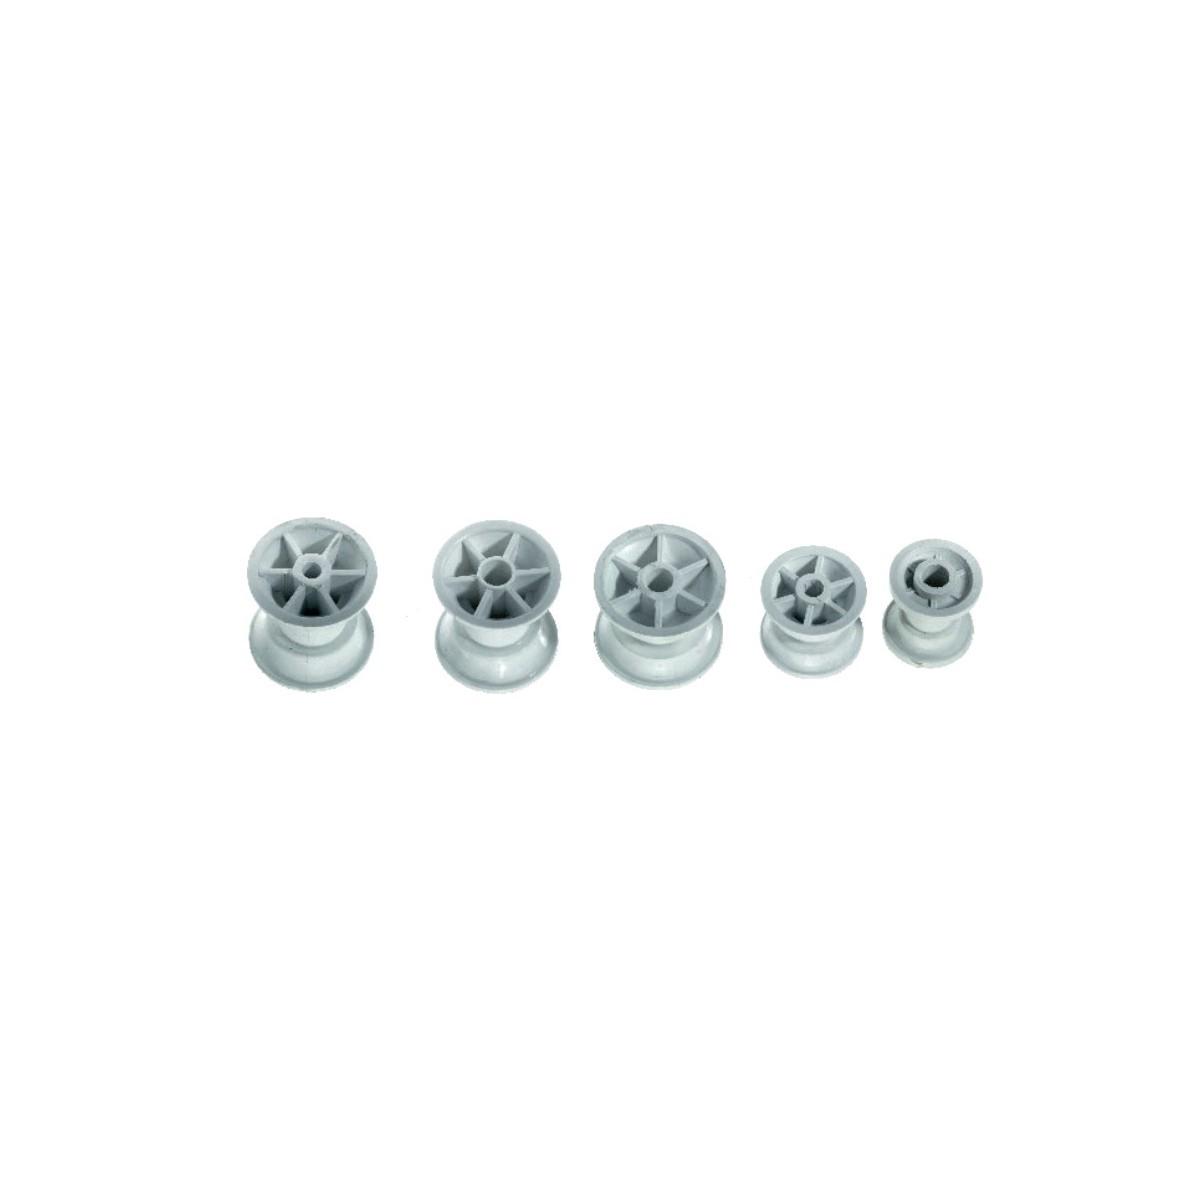 12.99 - Ροδάκι Πλαστικό Μήκους 40mm